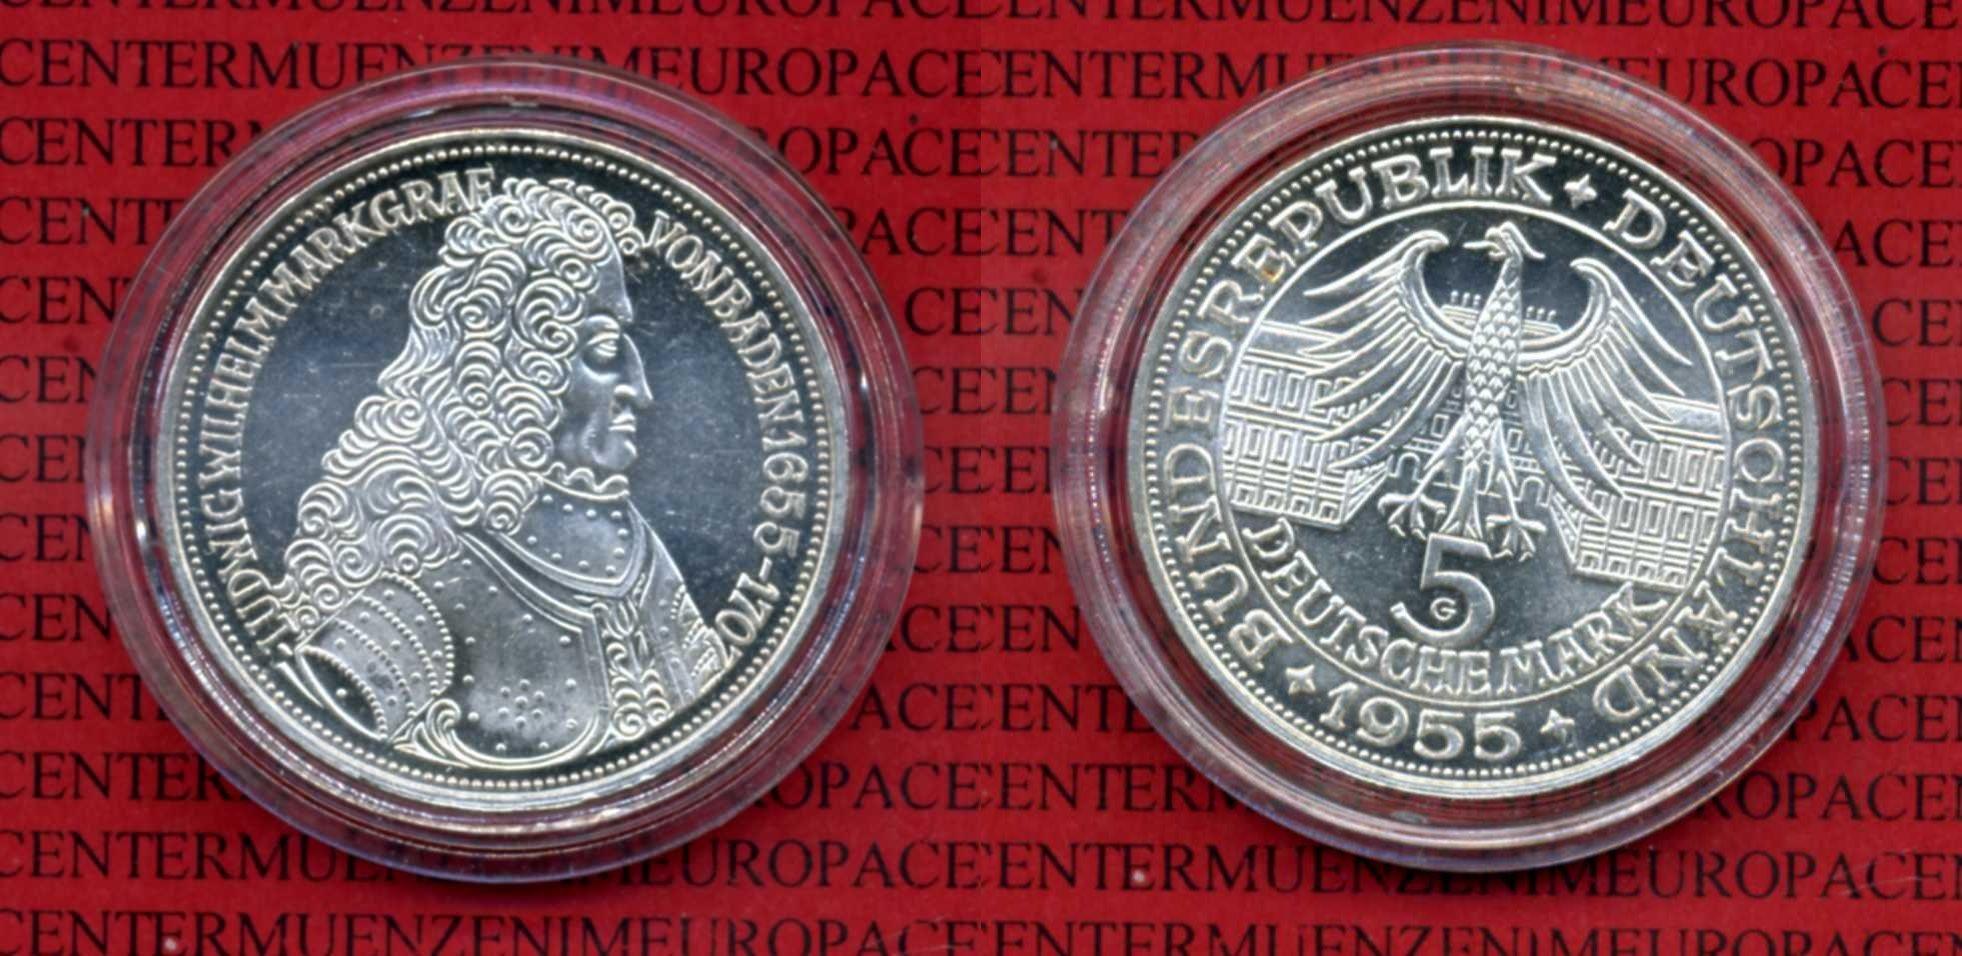 5 DM Gedenkmünze Silber 1955 Bundesrepublik Deutschland Deutschland 5 Mark 1955 Ludwig Wilhelm Markgraf von Baden Kapsel au